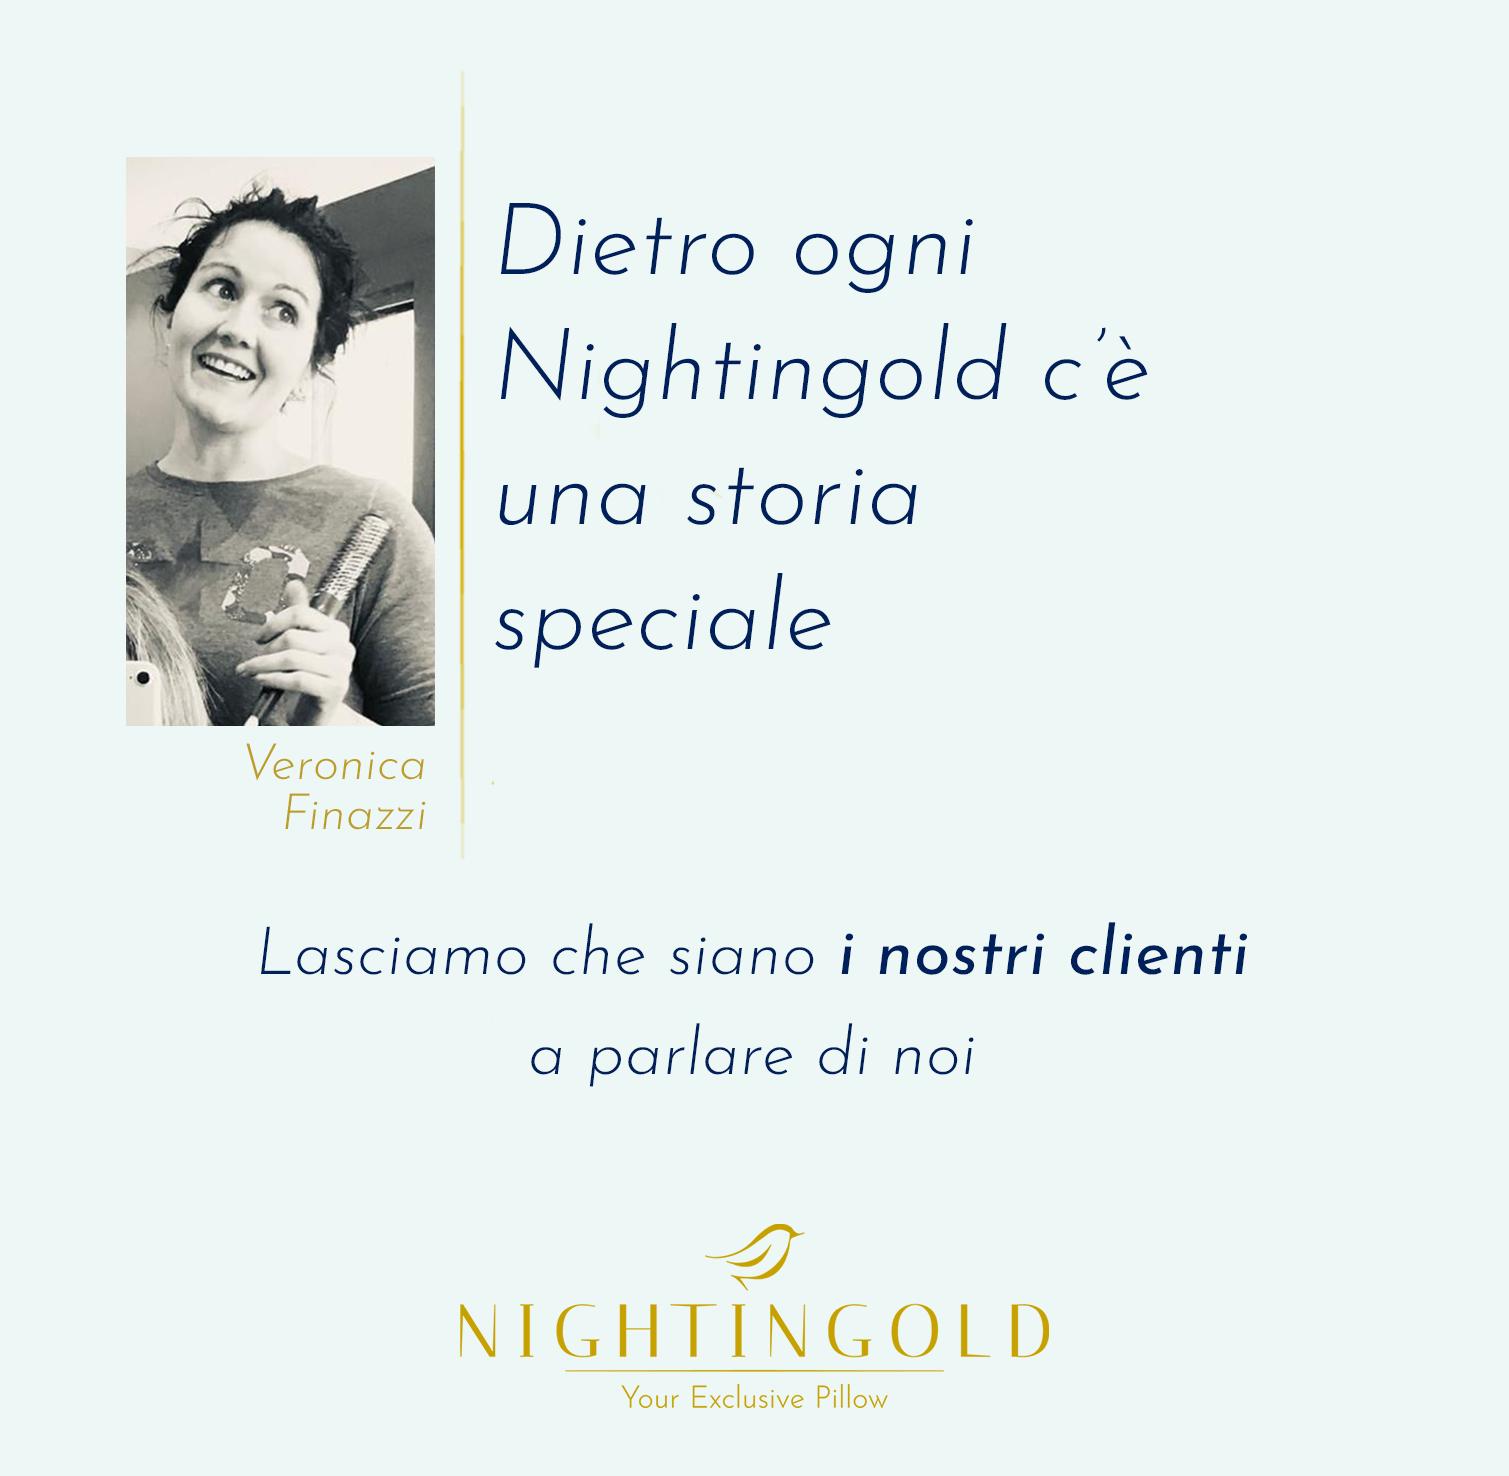 esperienza personale di una cliente nightingold